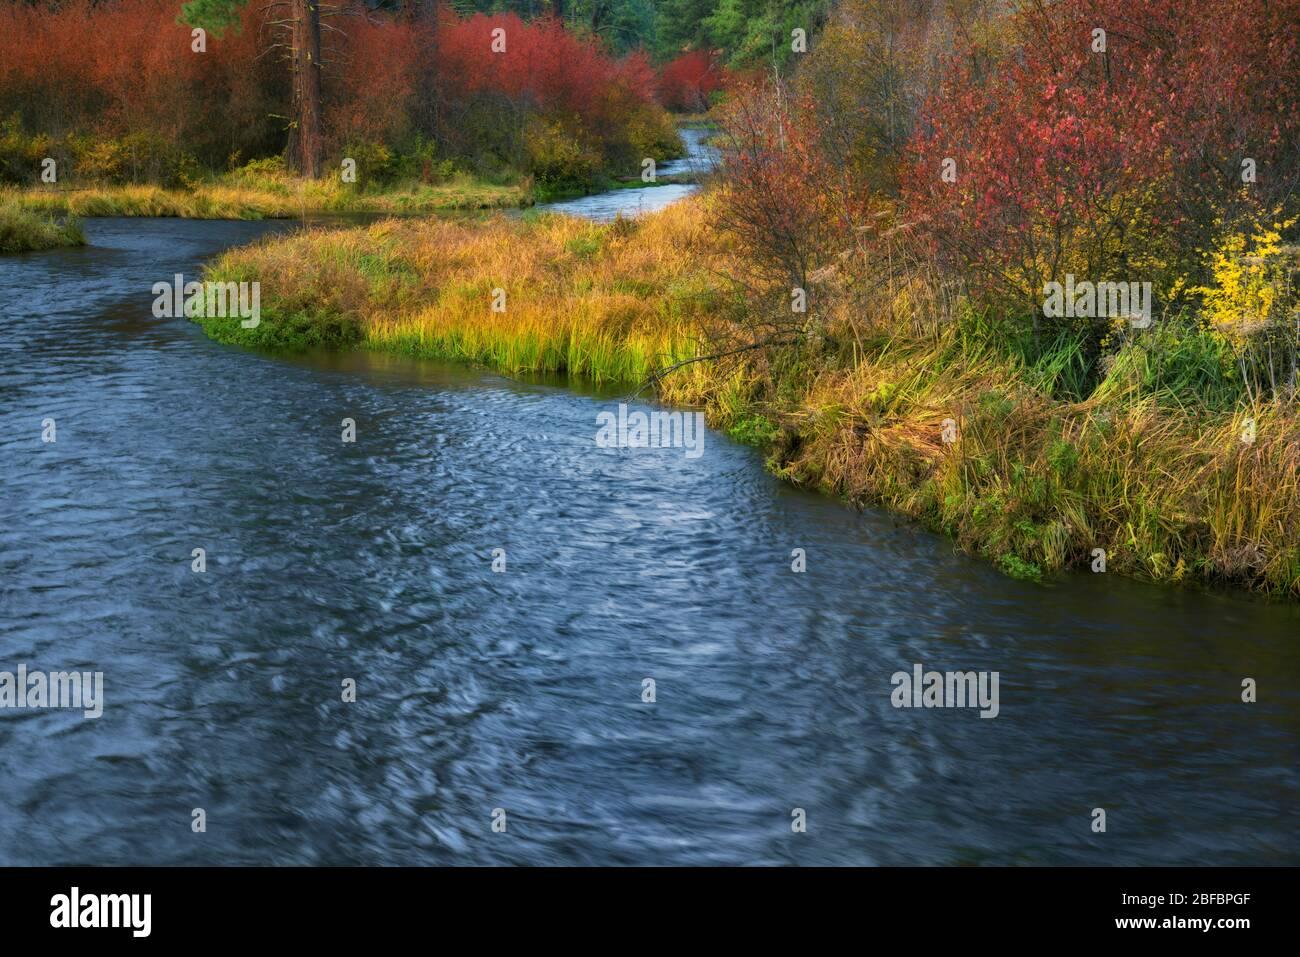 Vivaci colori autunnali lungo il fiume Wild & Scenic Metolius vicino a Camp Sherman, nella Jefferson County dell'Oregon centrale. Foto Stock